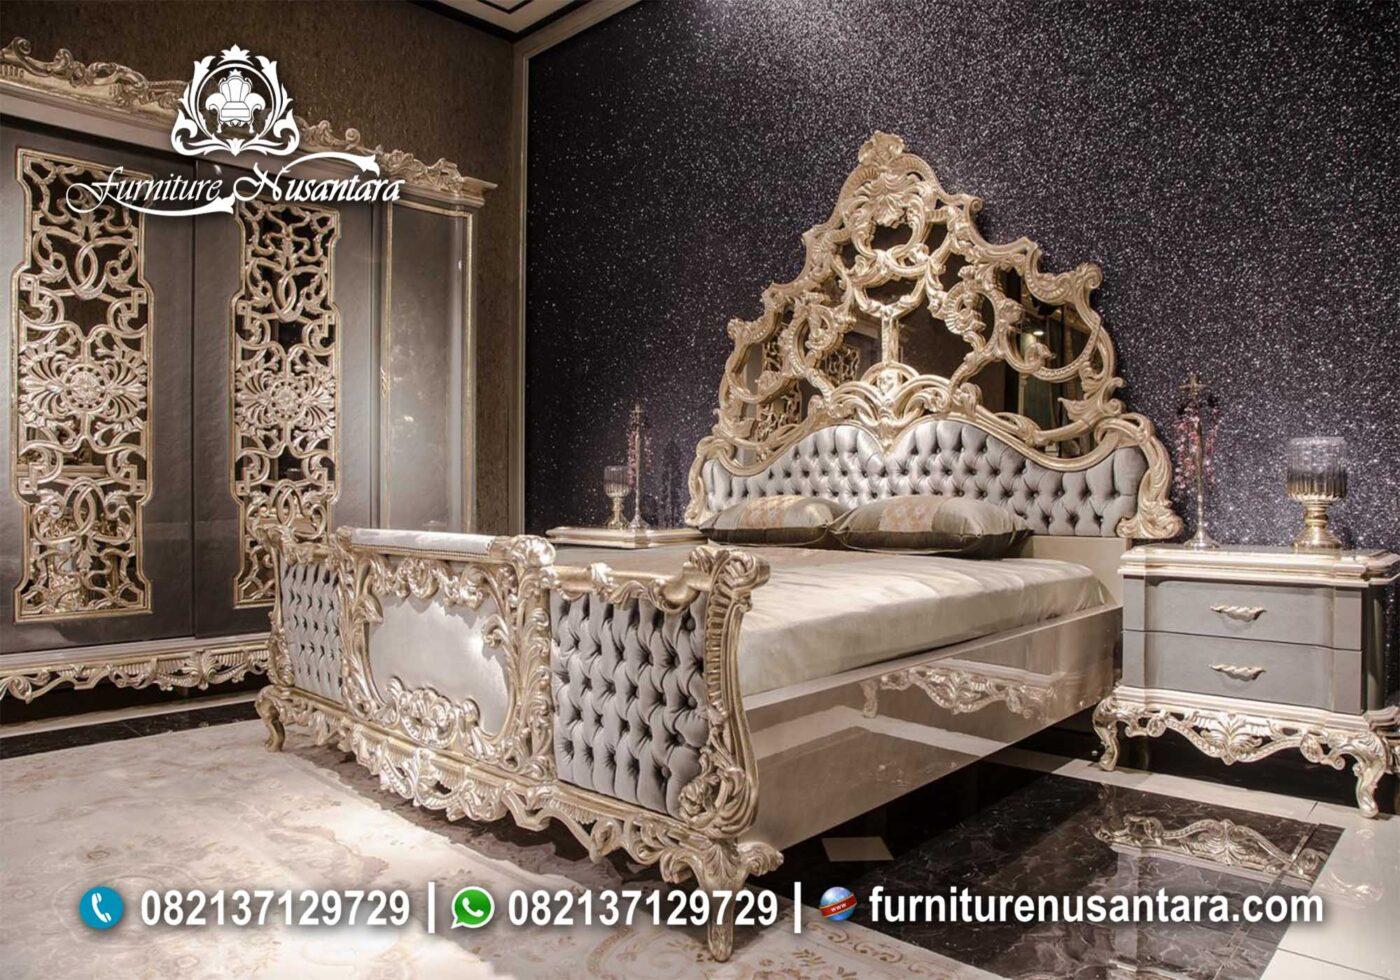 Desain Kamar Set Mewah Terbaru KS-13, Furniture Nusantara